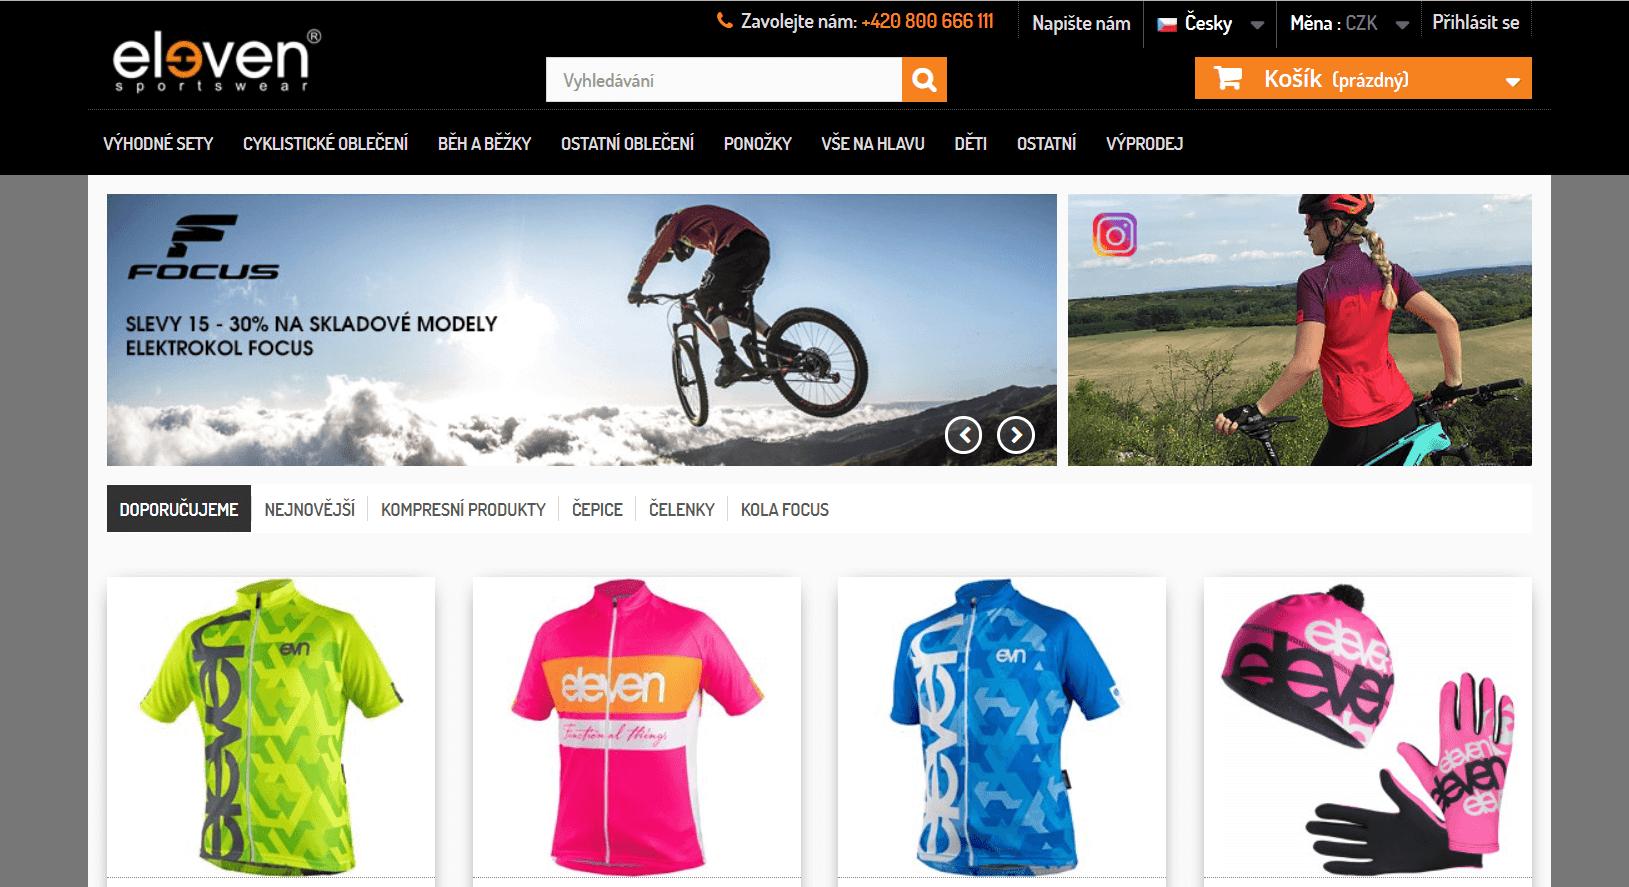 Купівля на Eleven Sportswear з доставкою в Україну - myMeest- 2